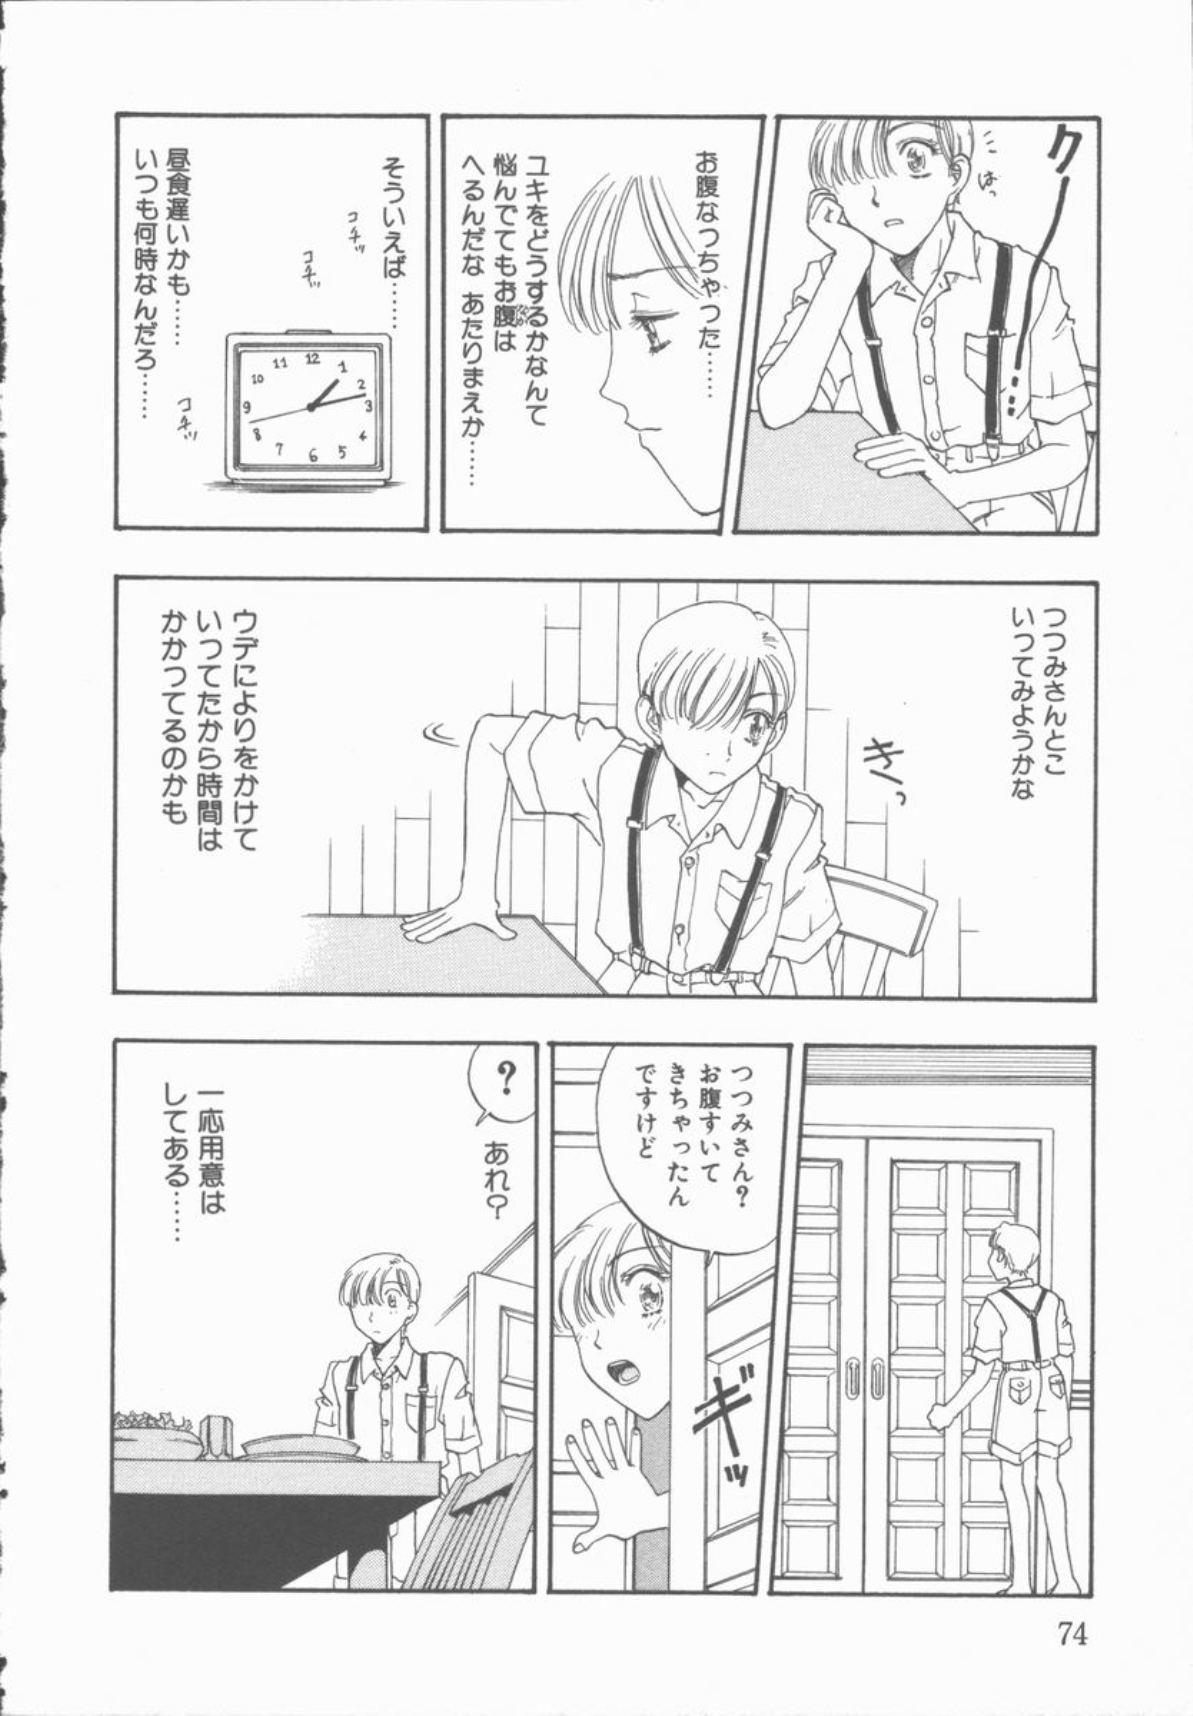 Inma no Sumu Yakata 74